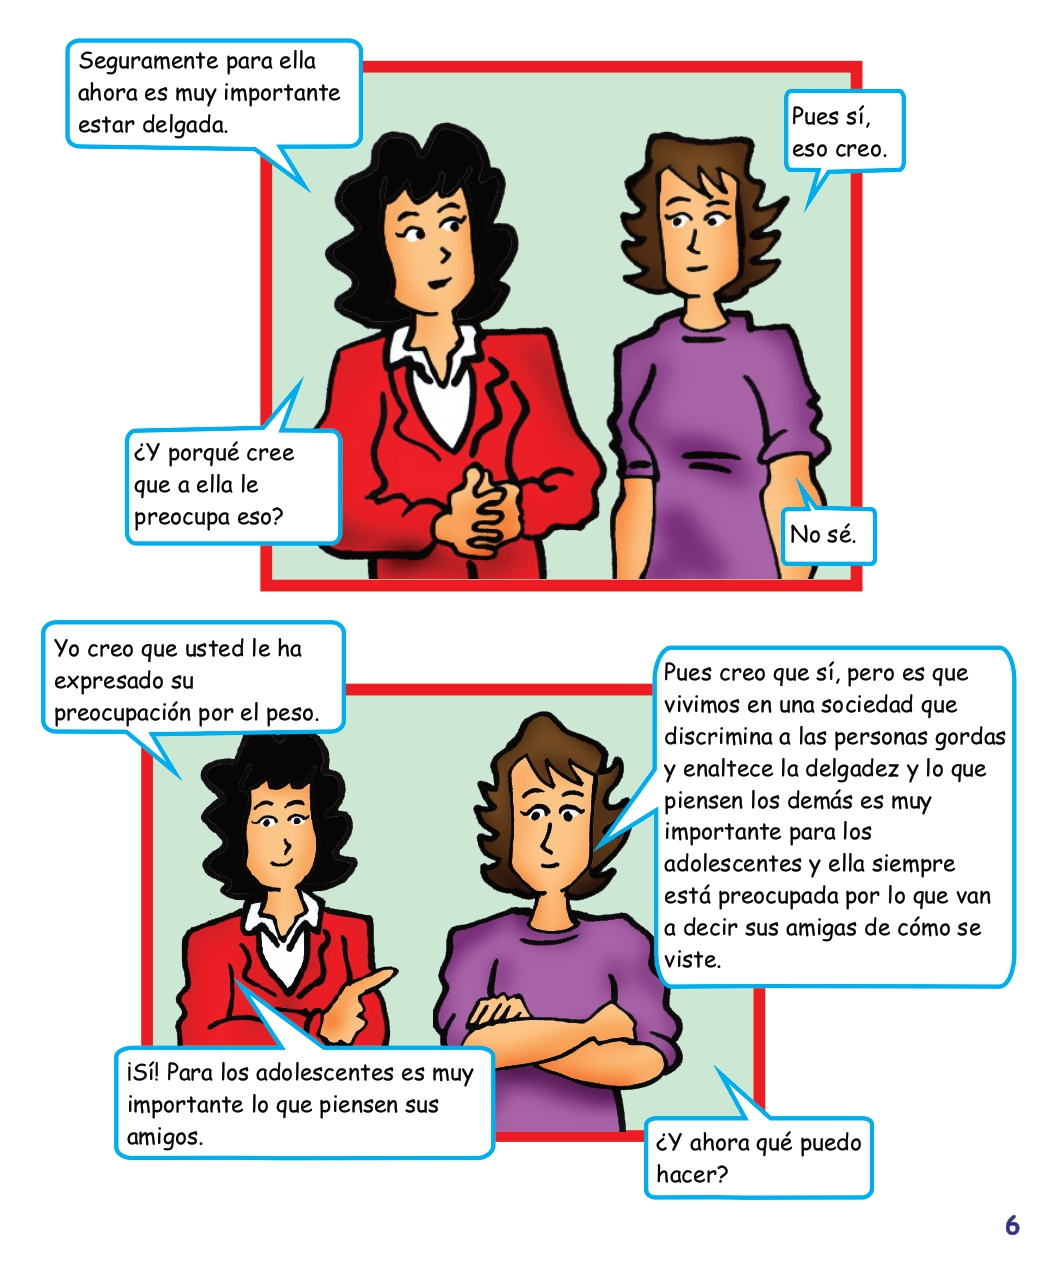 Psicología padres Reyhan cap1_1 digital_page-0009